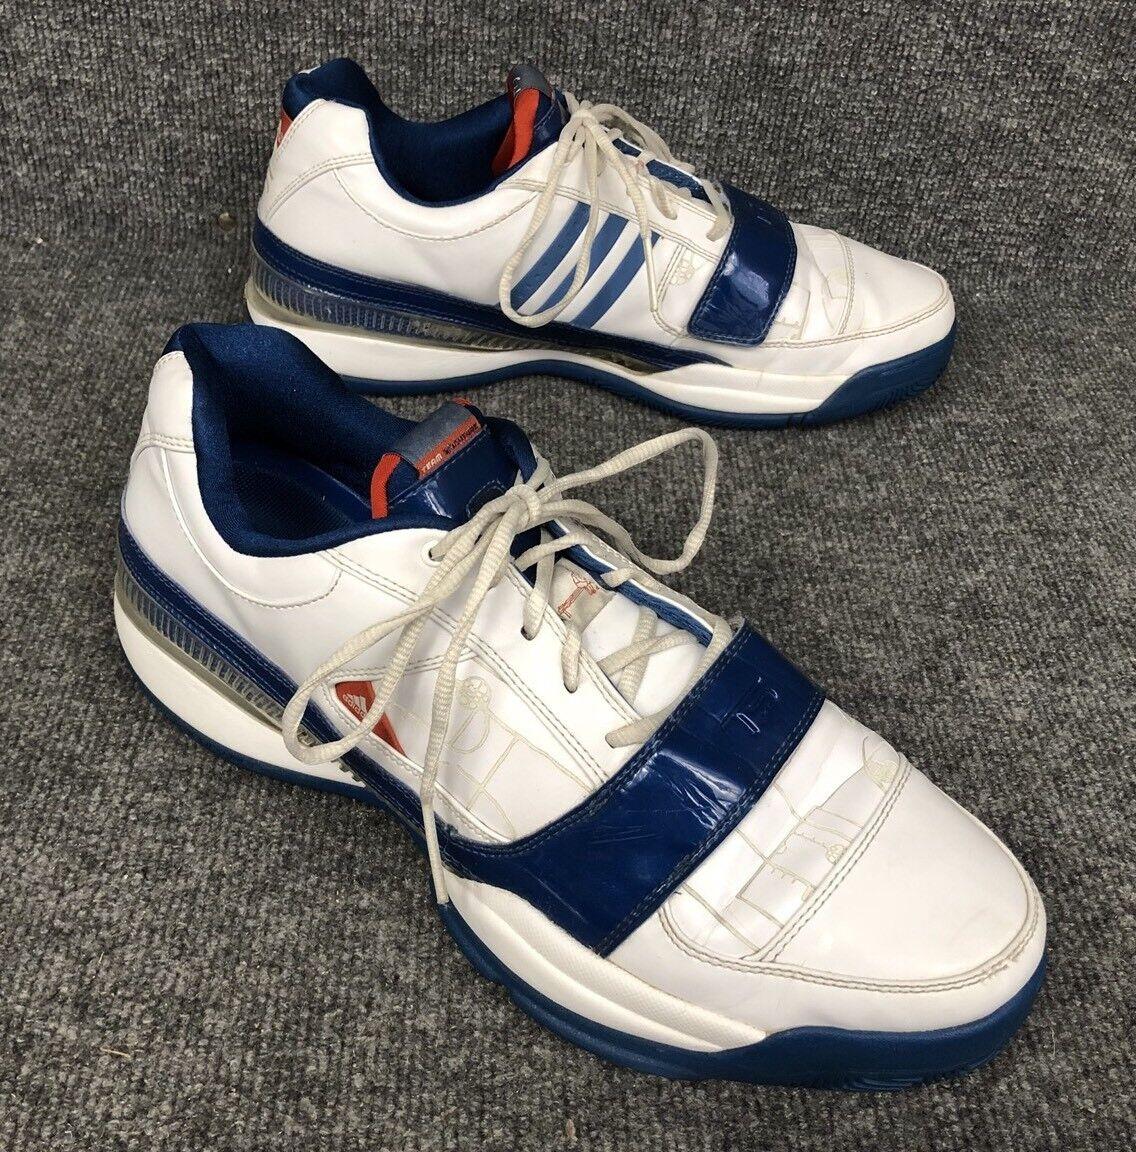 Adidas ts lightswitch gil sz 14 gilbert basketball arenas 061790 agent zero basketball gilbert - schuh 8f1bad